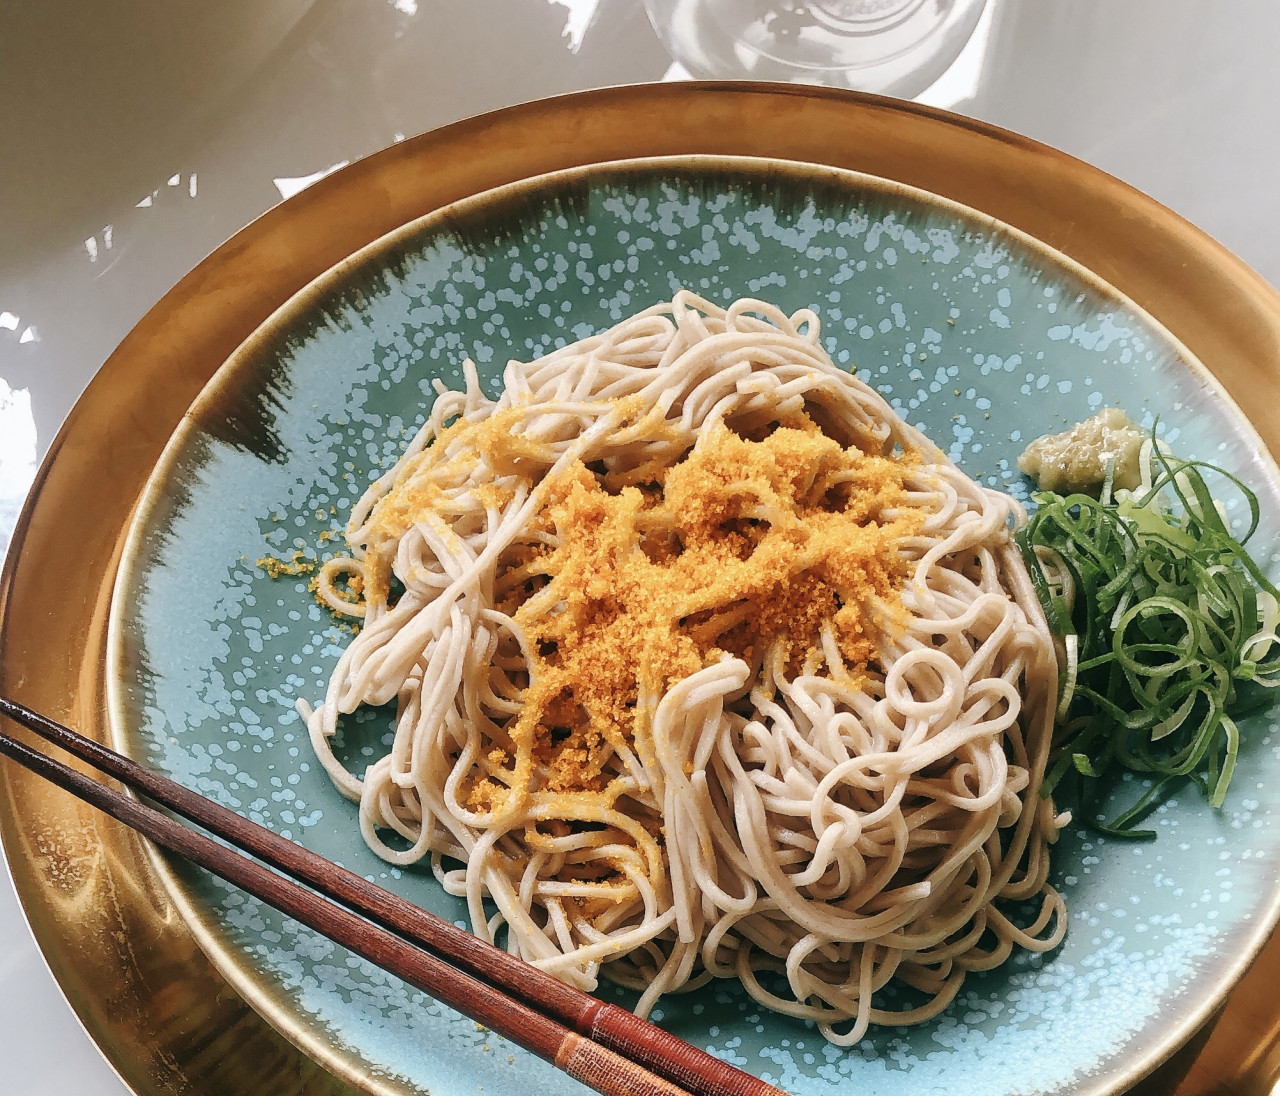 家ご飯だから贅沢放題。料理上手感が出るボッタルガパウダー【30代に幸せをくれるもの vol.32】